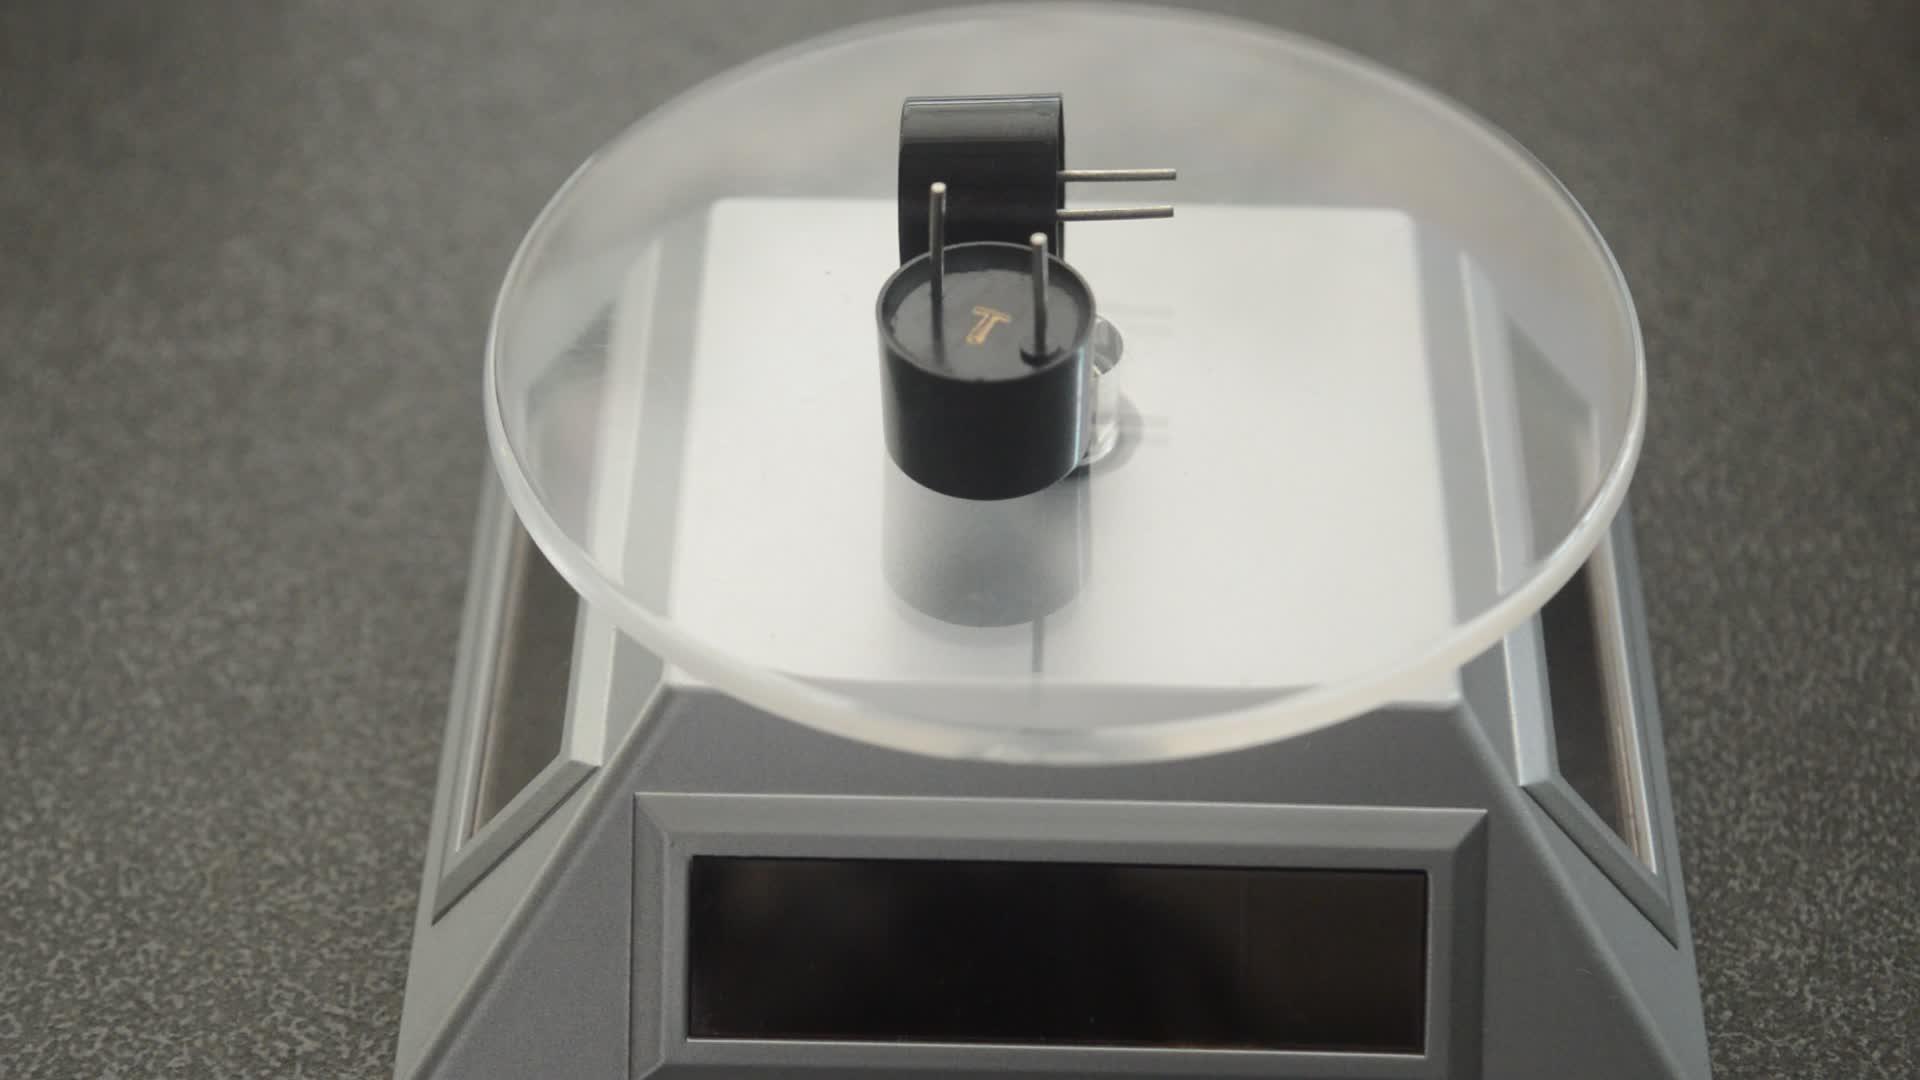 พลาสติกตรวจจับ16มิลลิเมตร40กิโลเฮิร์ตซ์ชนิดเปิดเซ็นเซอร์อัลตราโซนิก